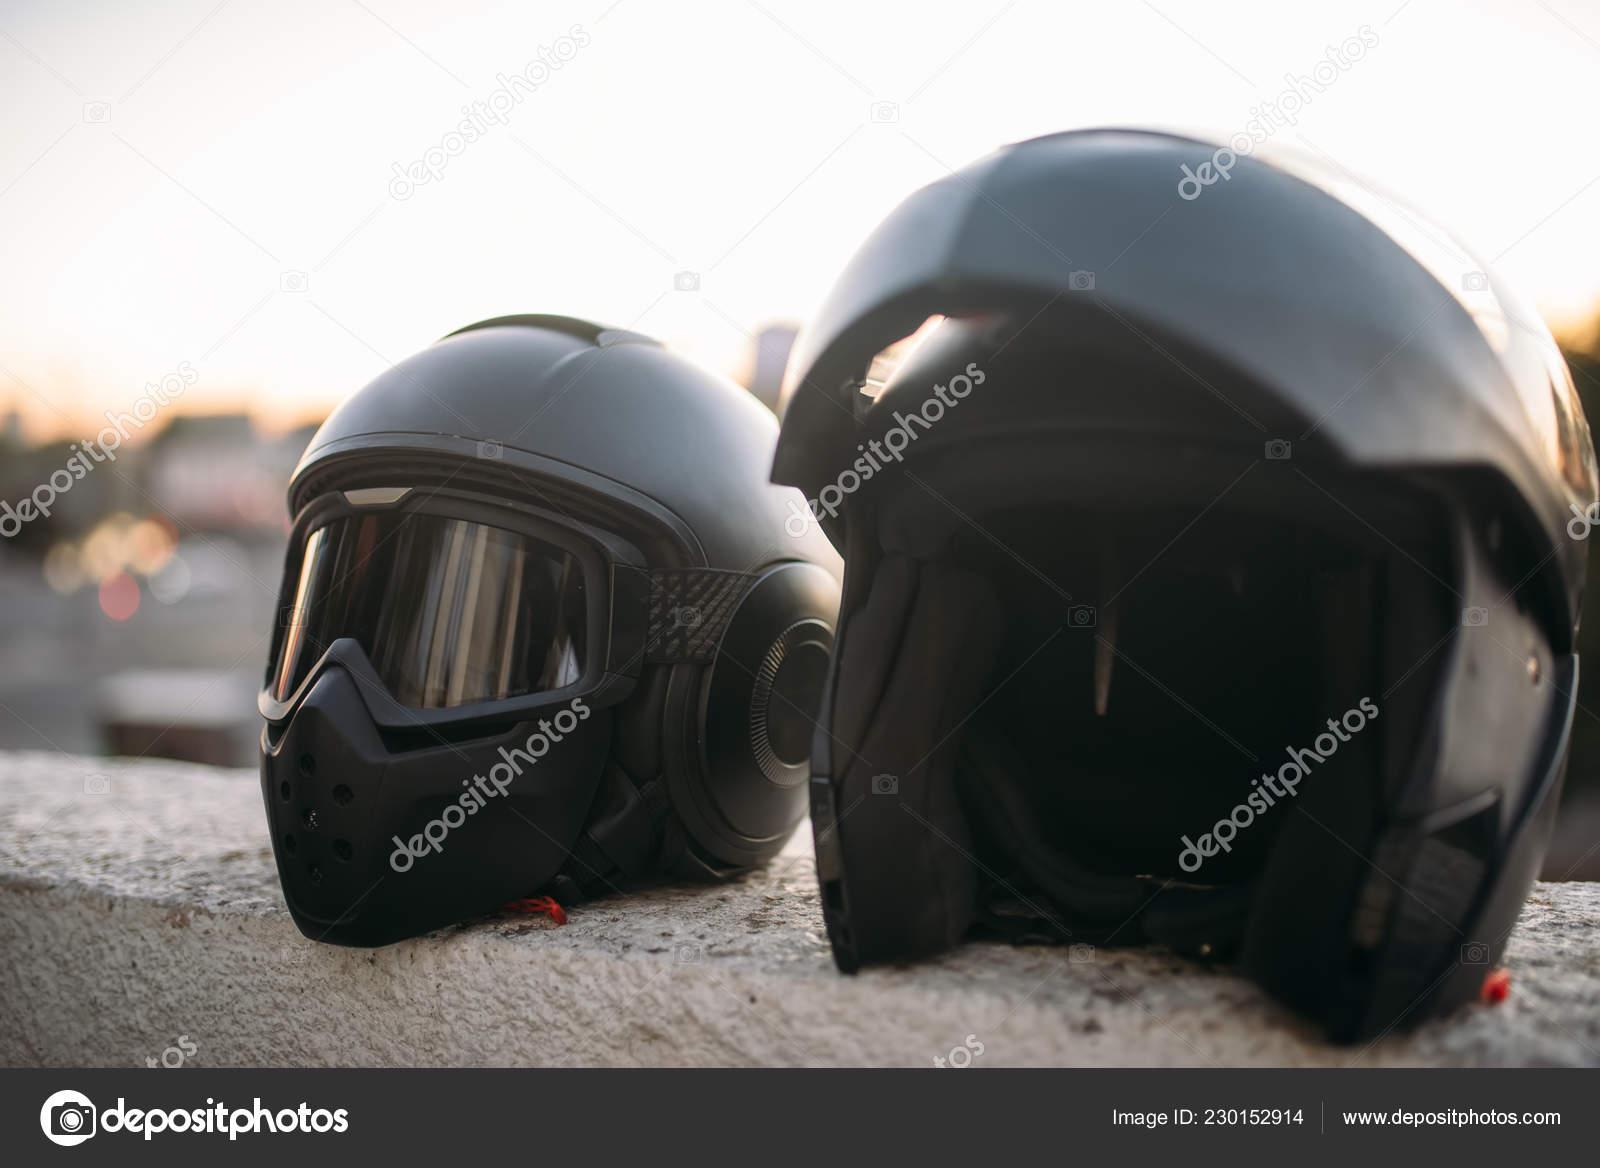 — De Del Con Dos Cascos Foto Vista Motorista Gafas Sol Visera Cerca qVGSUzMp